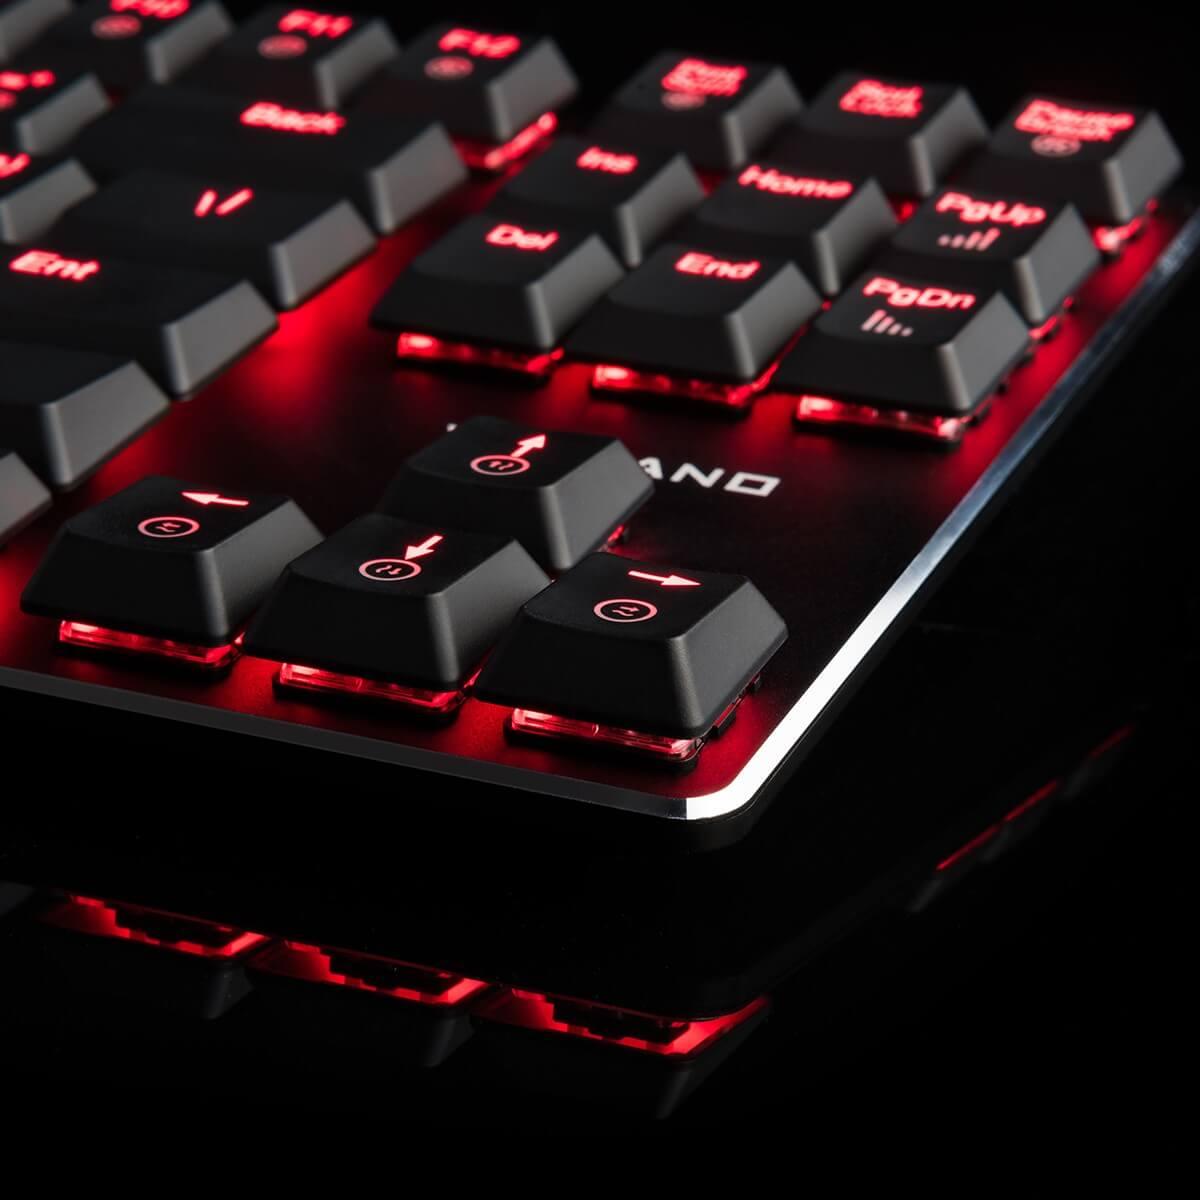 MODECOM VOLCANO BLADE žaidimų klaviatūra RED US